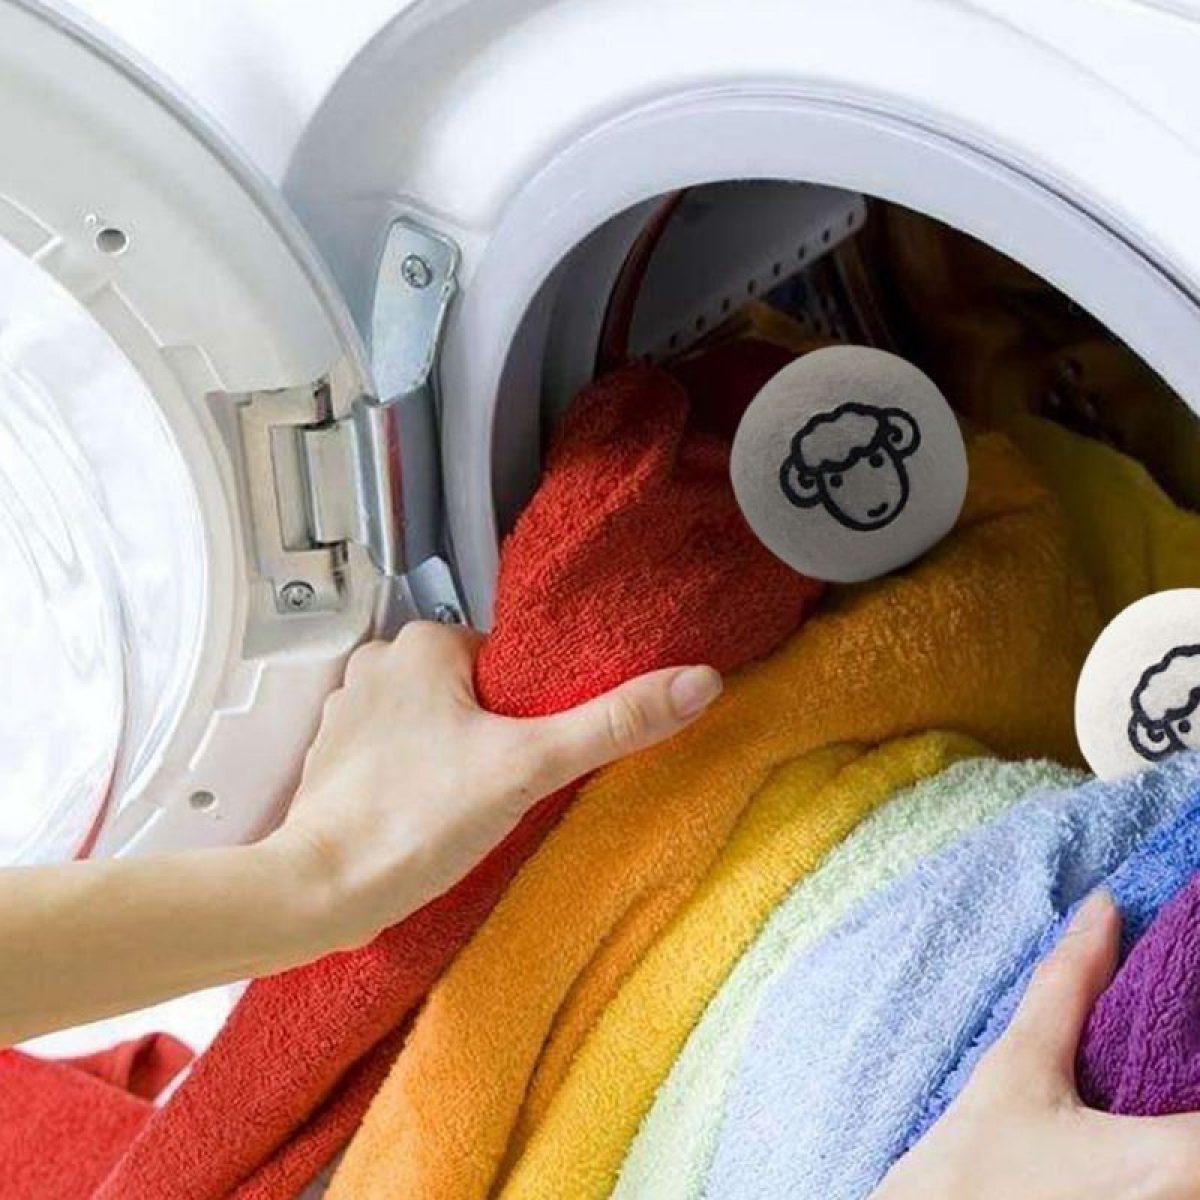 Cosa Non Mettere Nell Asciugatrice palline ammorbidenti, l'alternativa naturale per asciugatrice